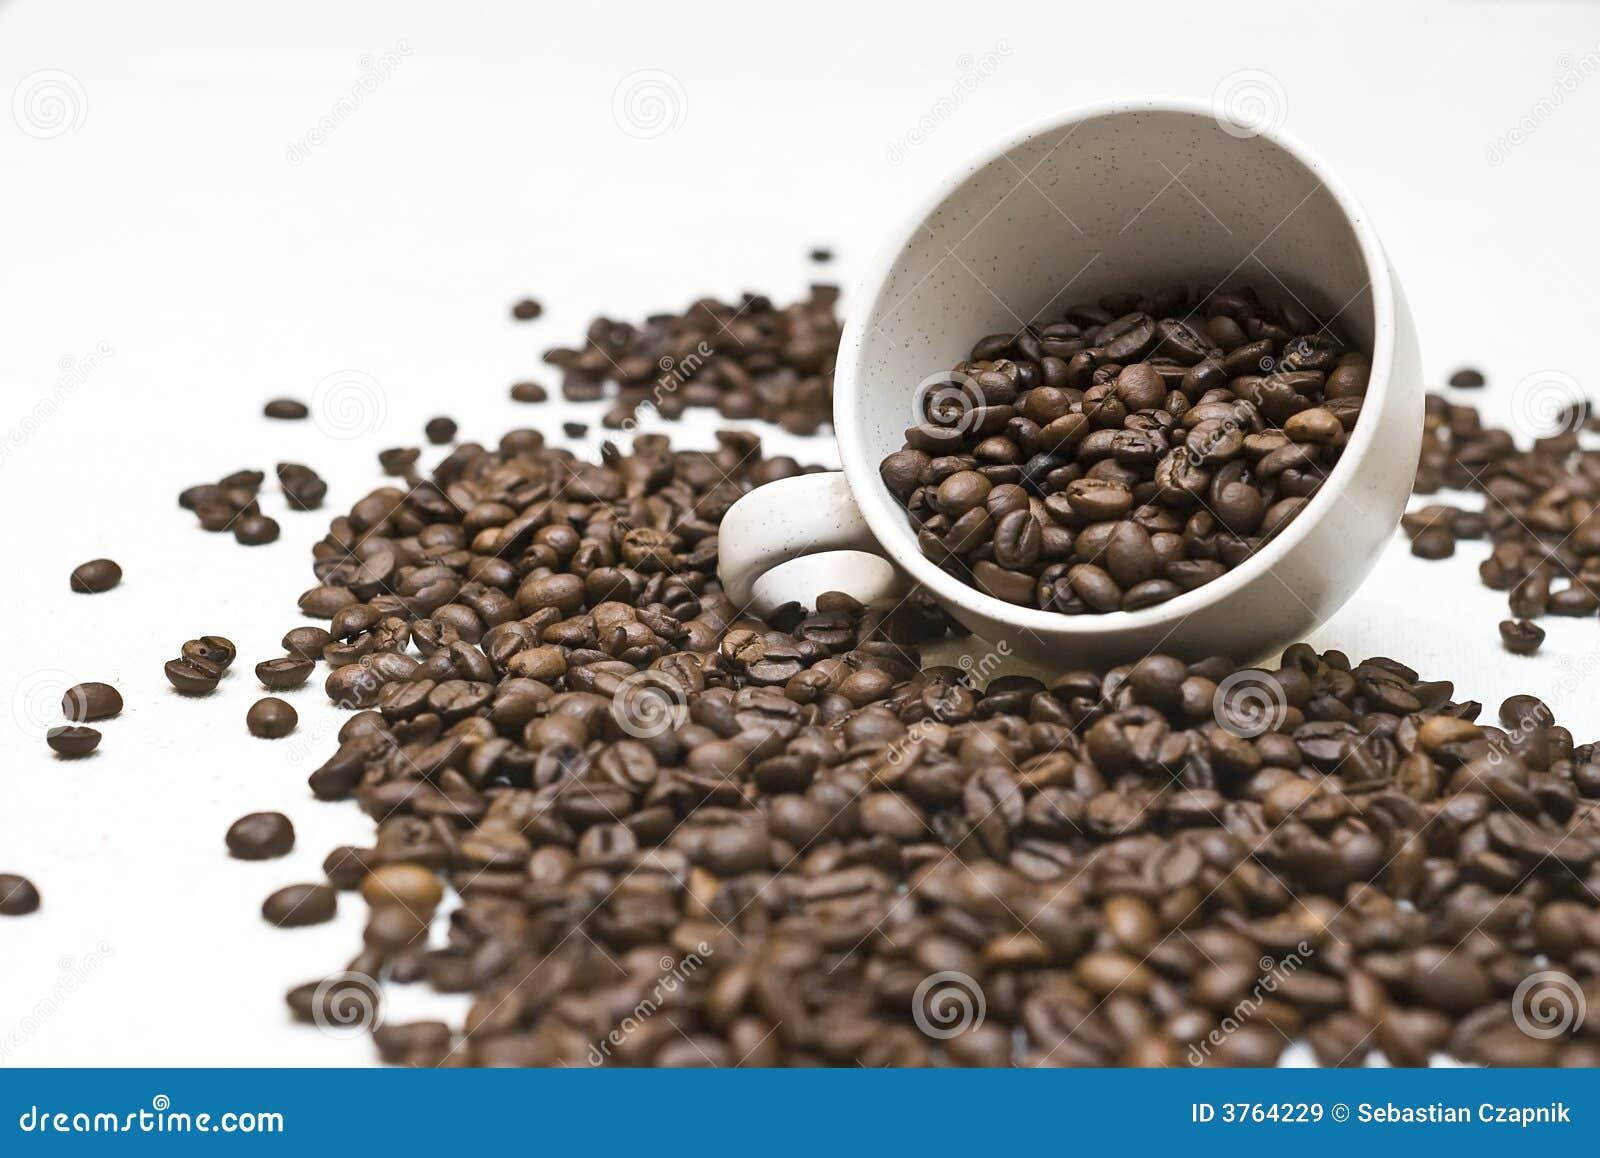 Zuviel Kaffee